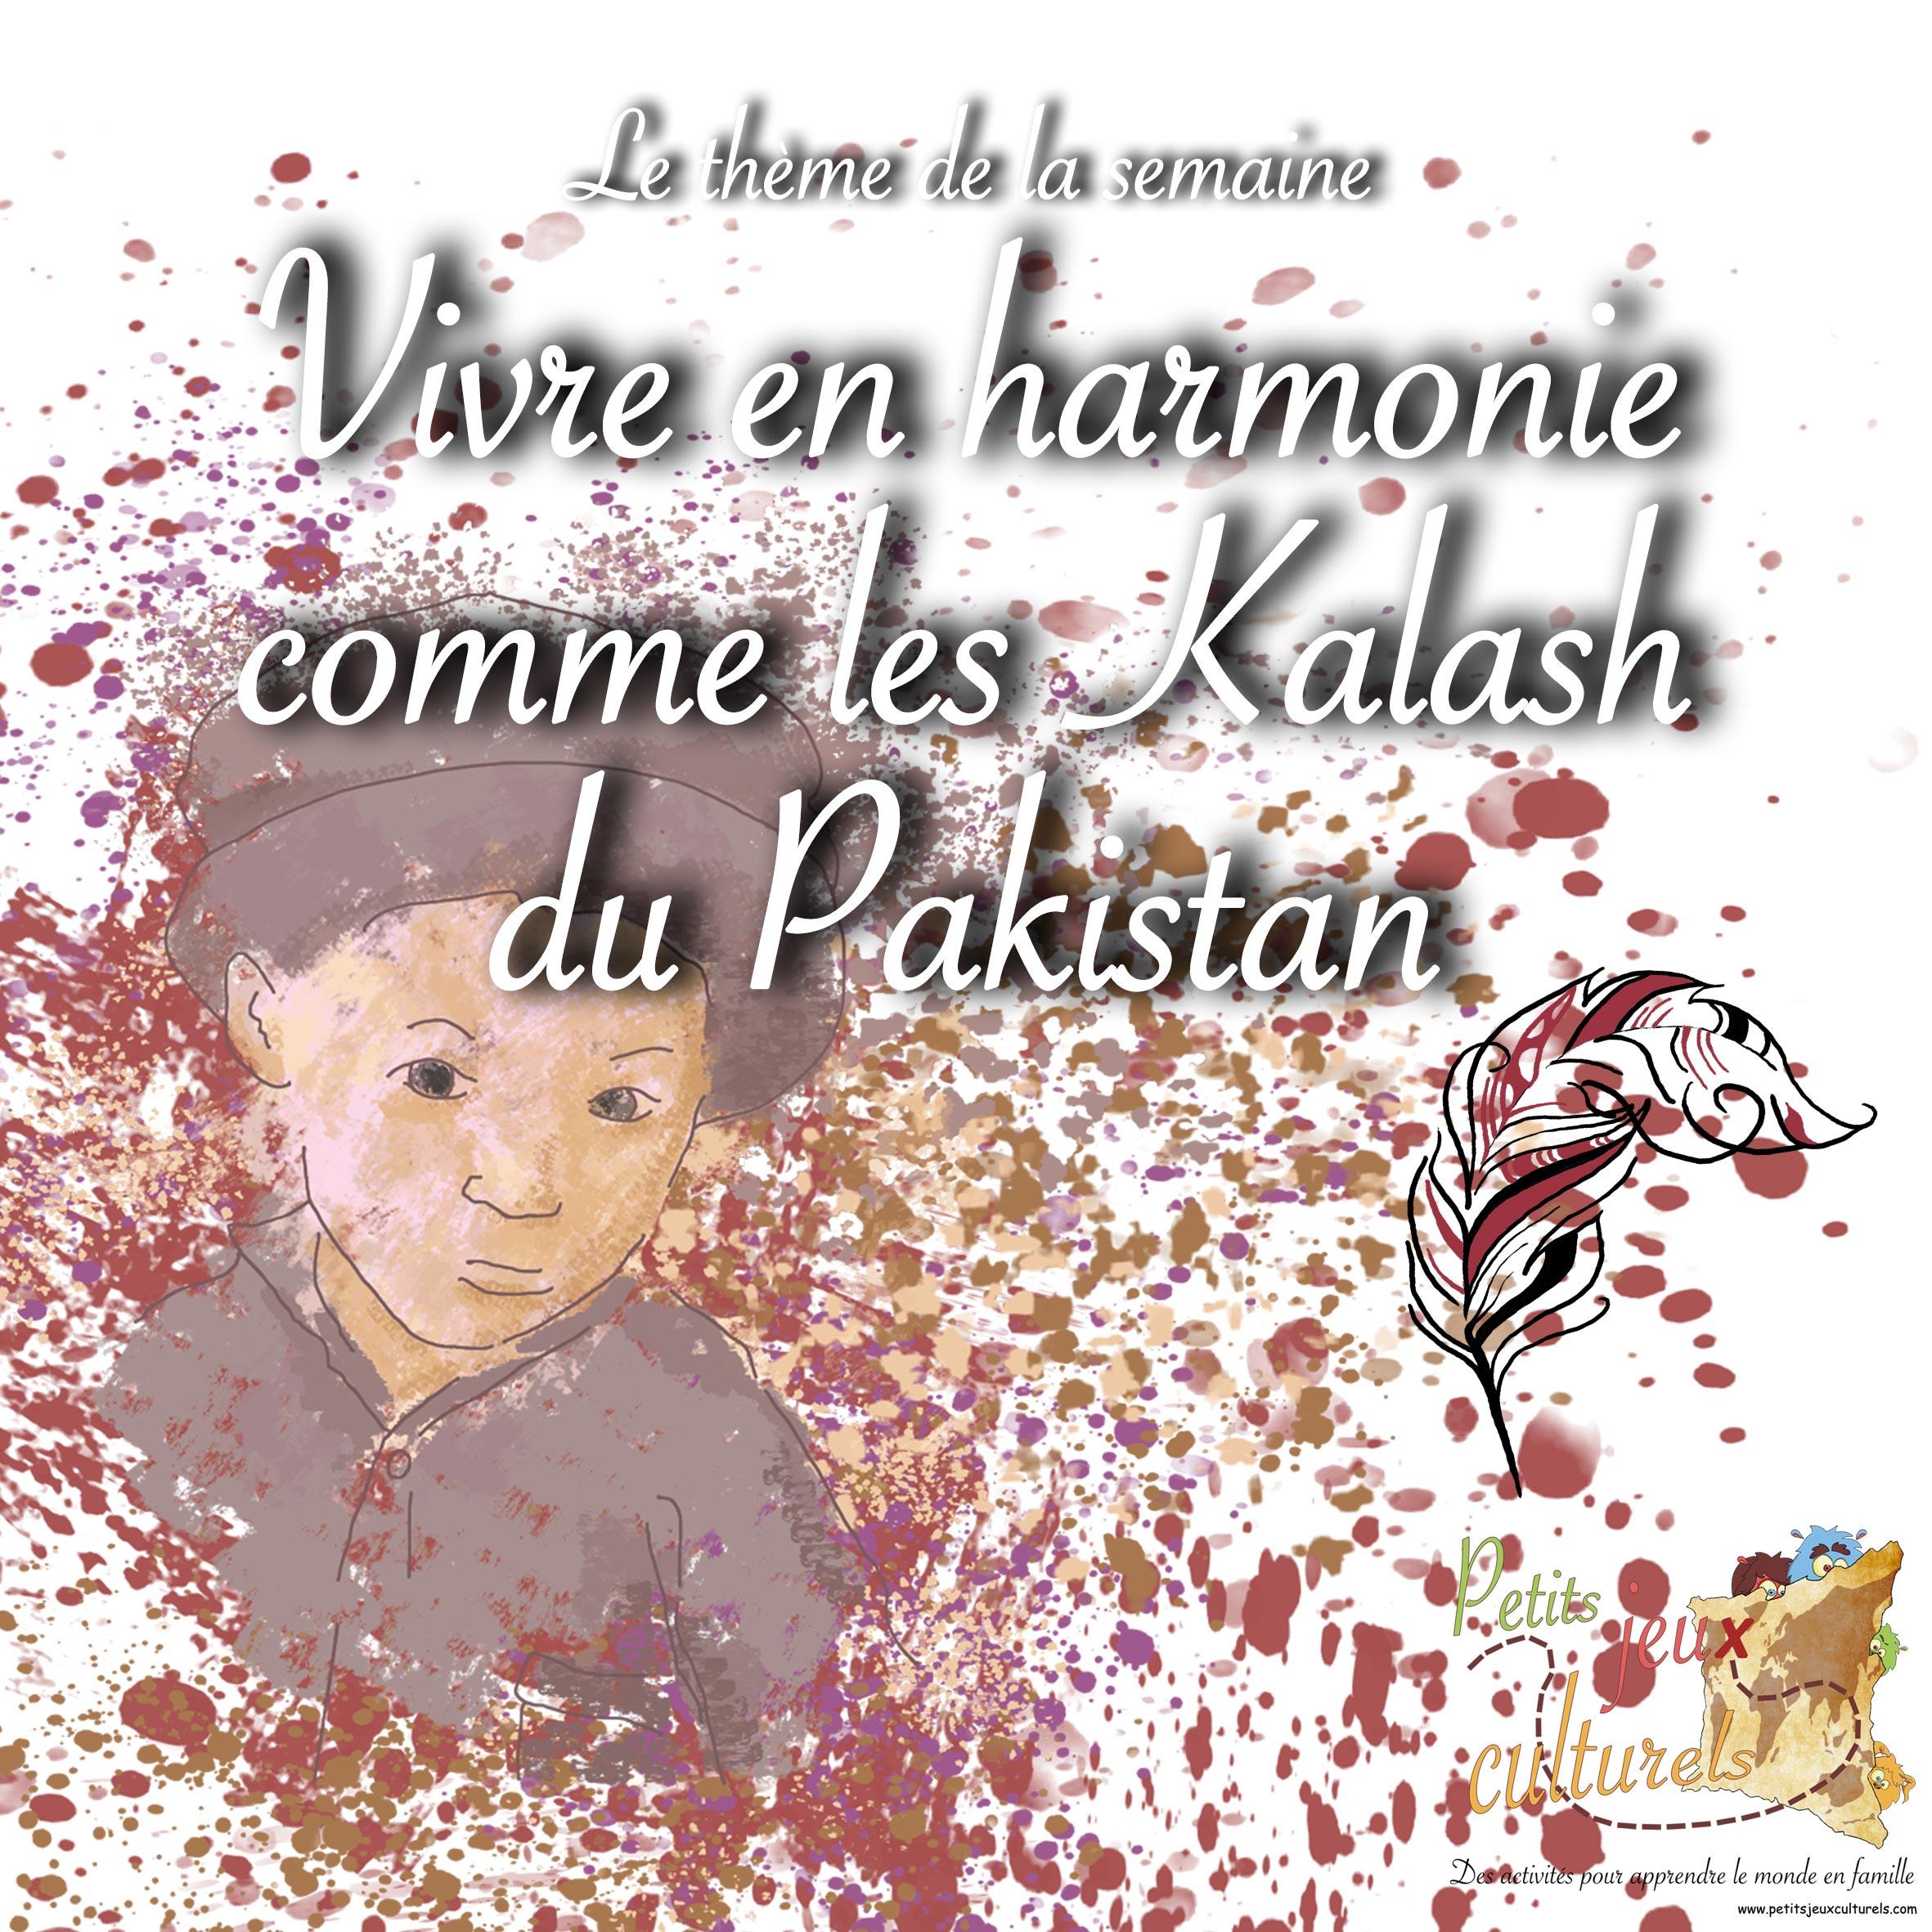 Vivre en harmonie comme les Kalash du Pakistan